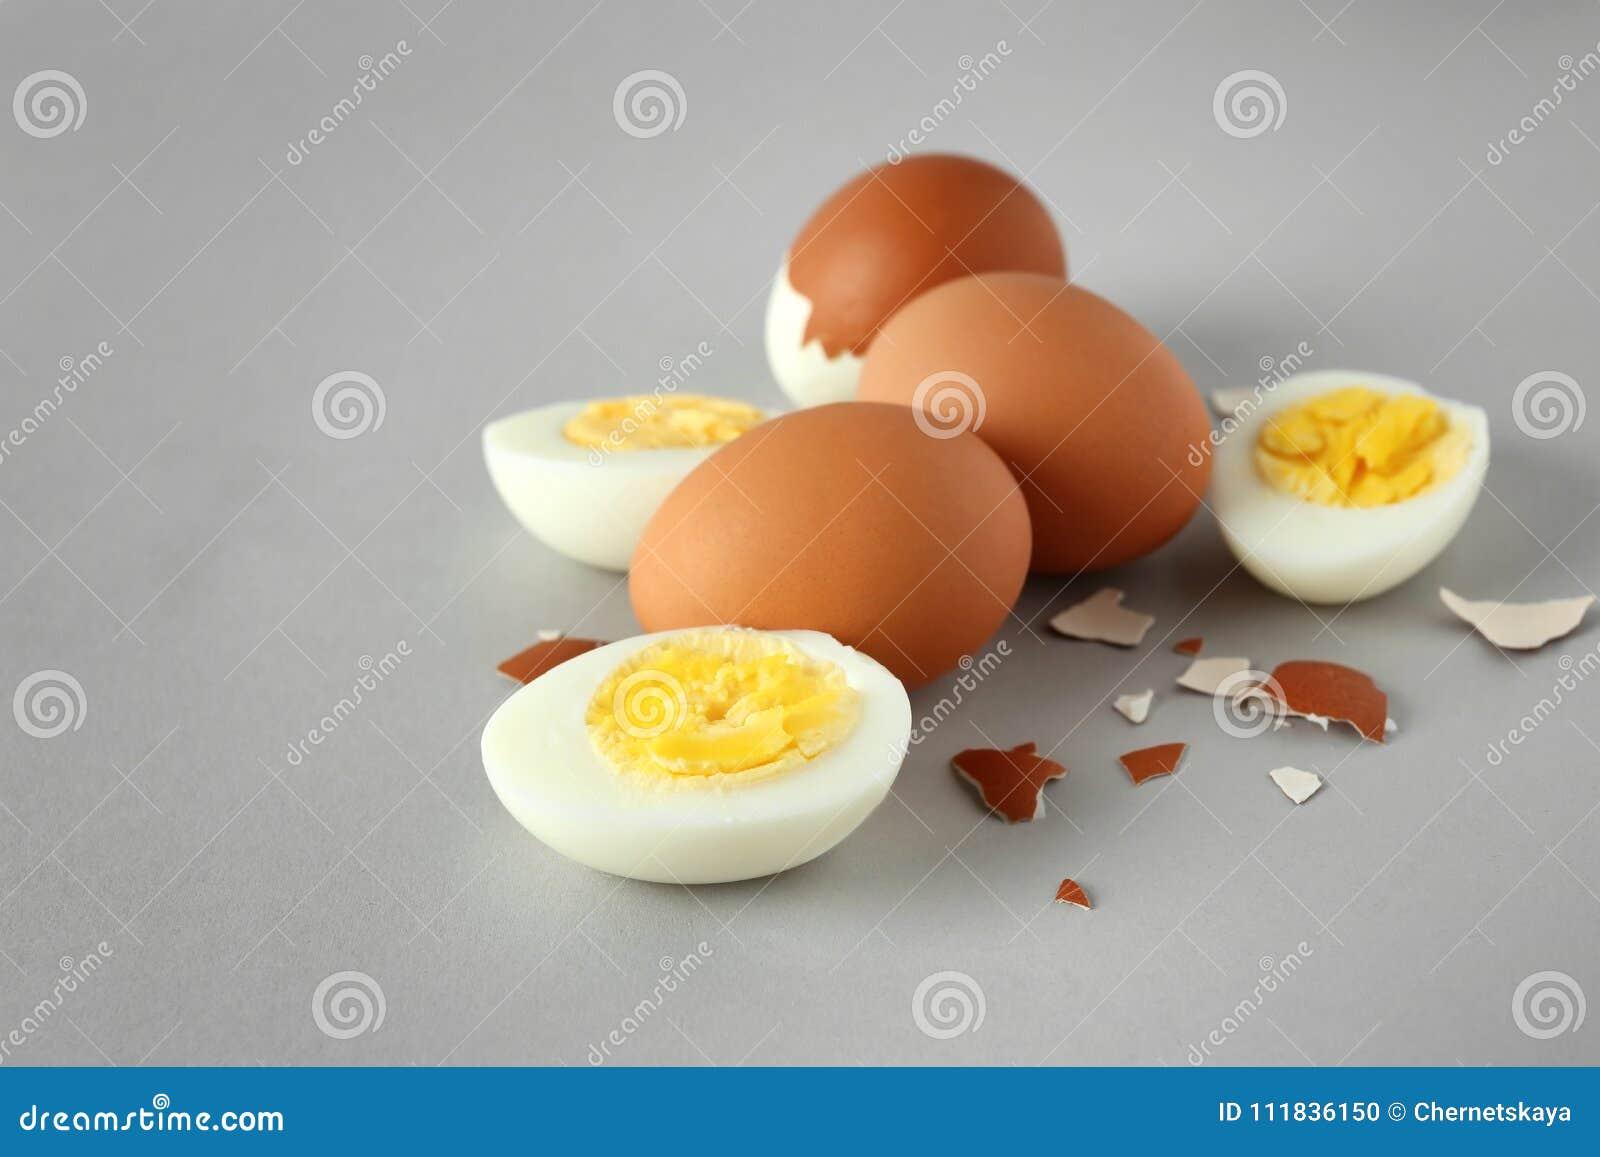 Ovos cozidos duros no fundo cinzento